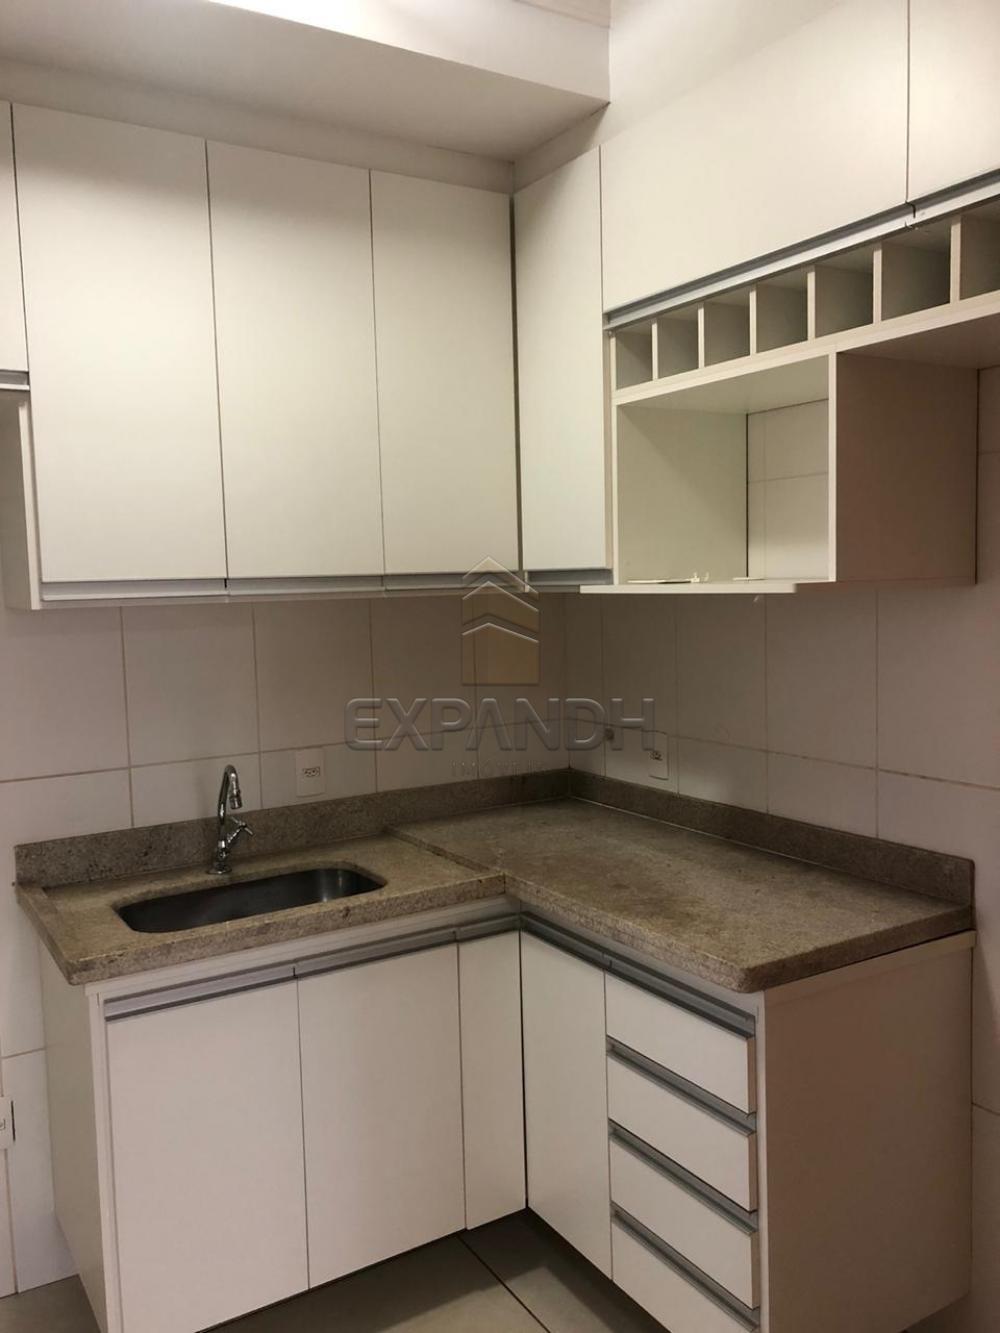 Alugar Apartamentos / Padrão em Sertãozinho apenas R$ 1.300,00 - Foto 6